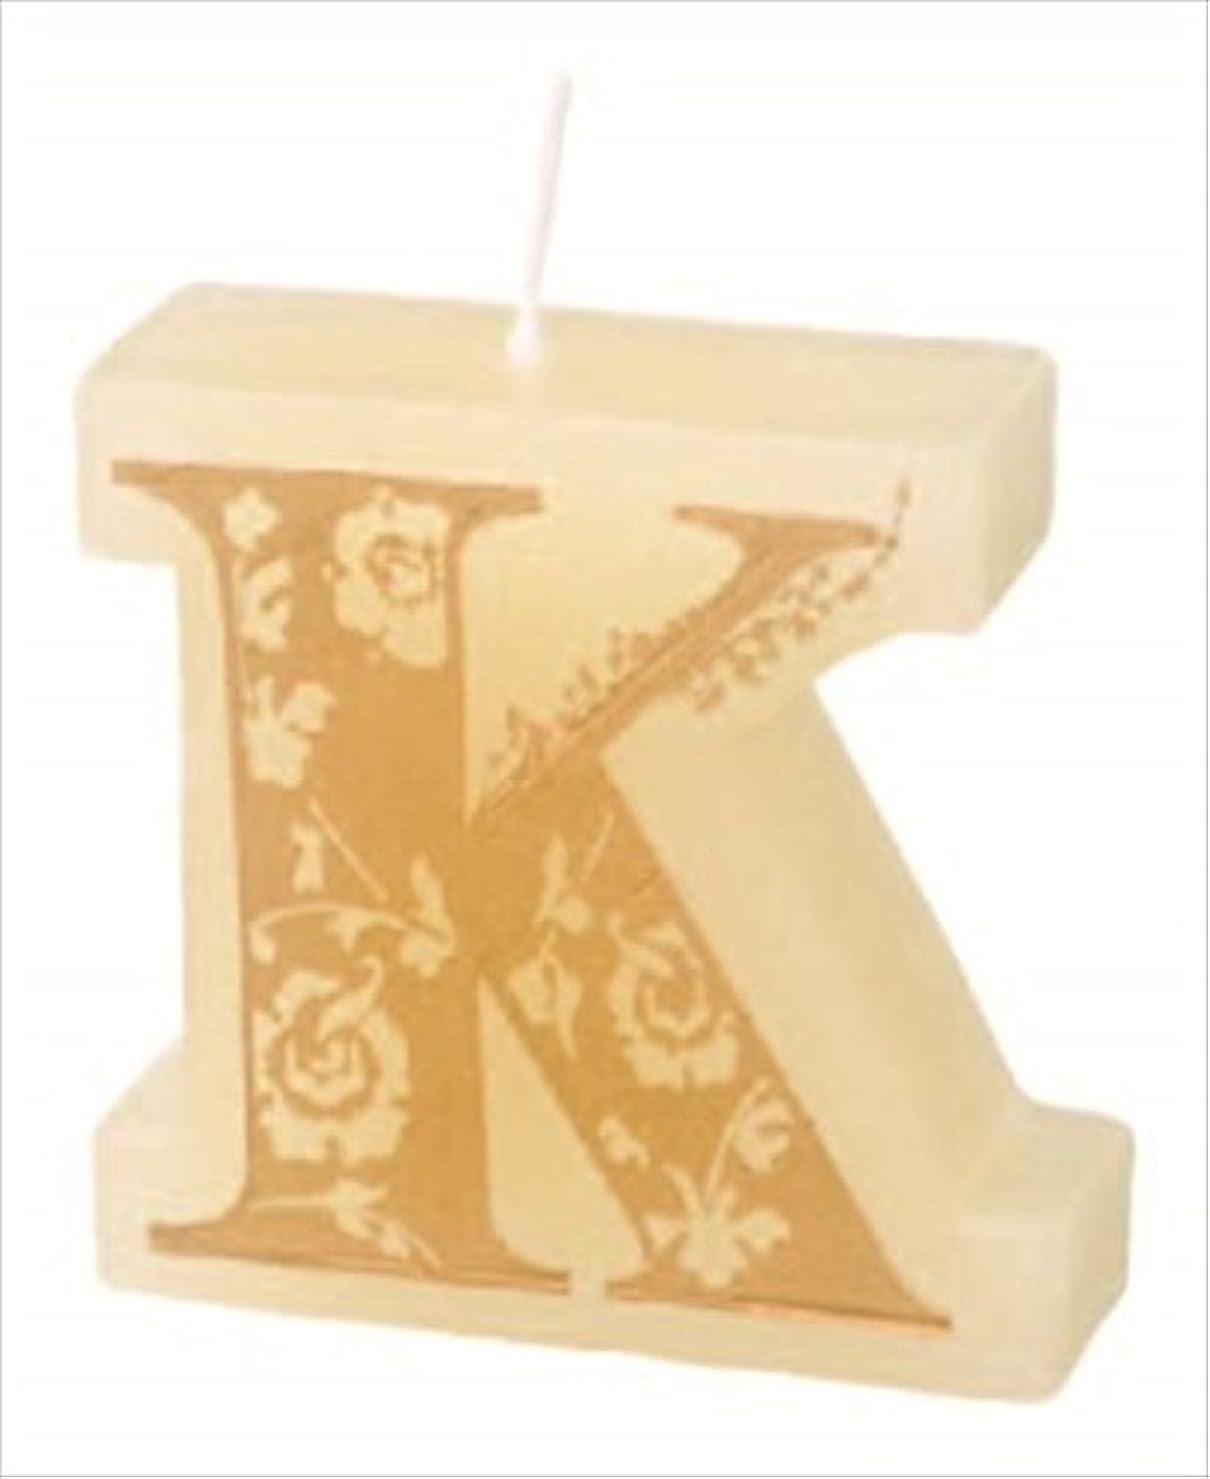 奨学金持続的寓話カメヤマキャンドル(kameyama candle) イニシャルキャンドルミニ 「 K 」